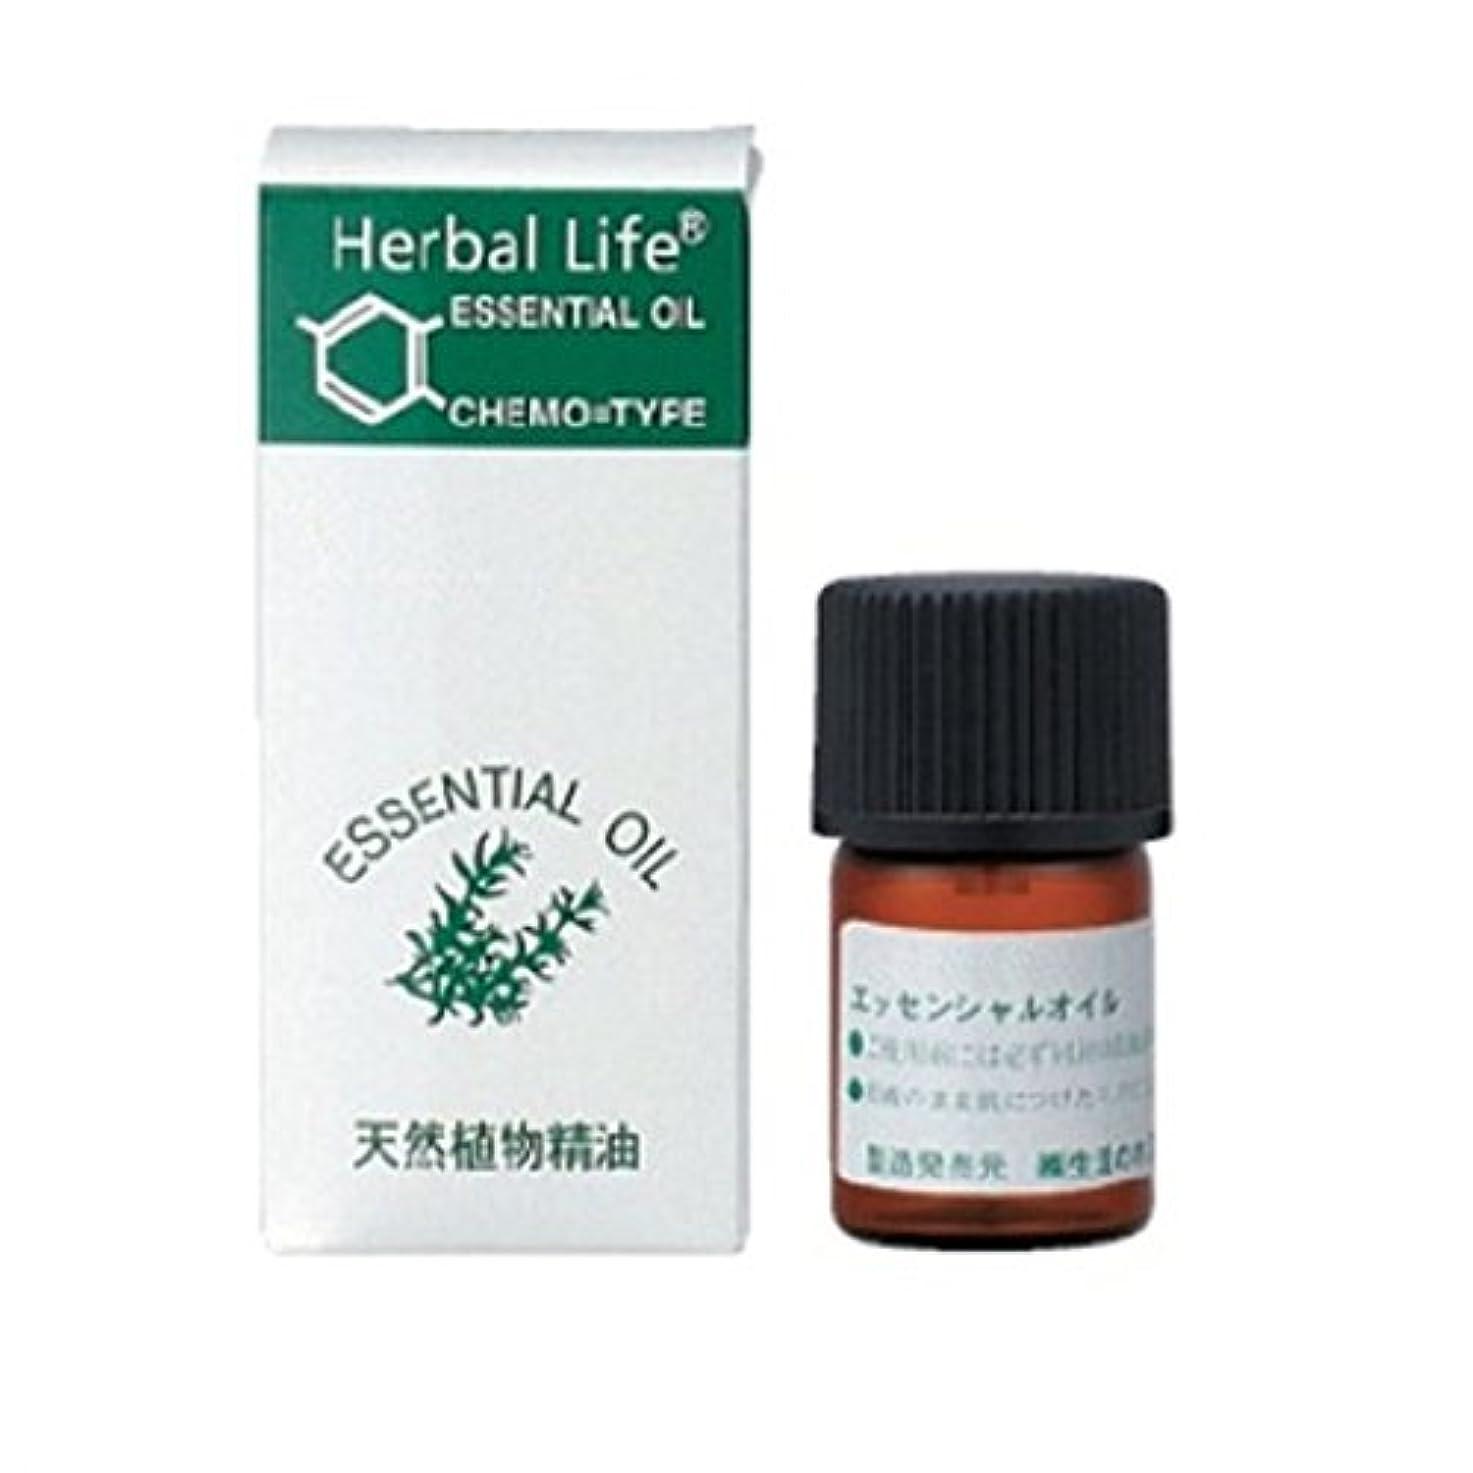 生活の木 エッセンシャルオイル ベチバー 3ml 08-449-3550